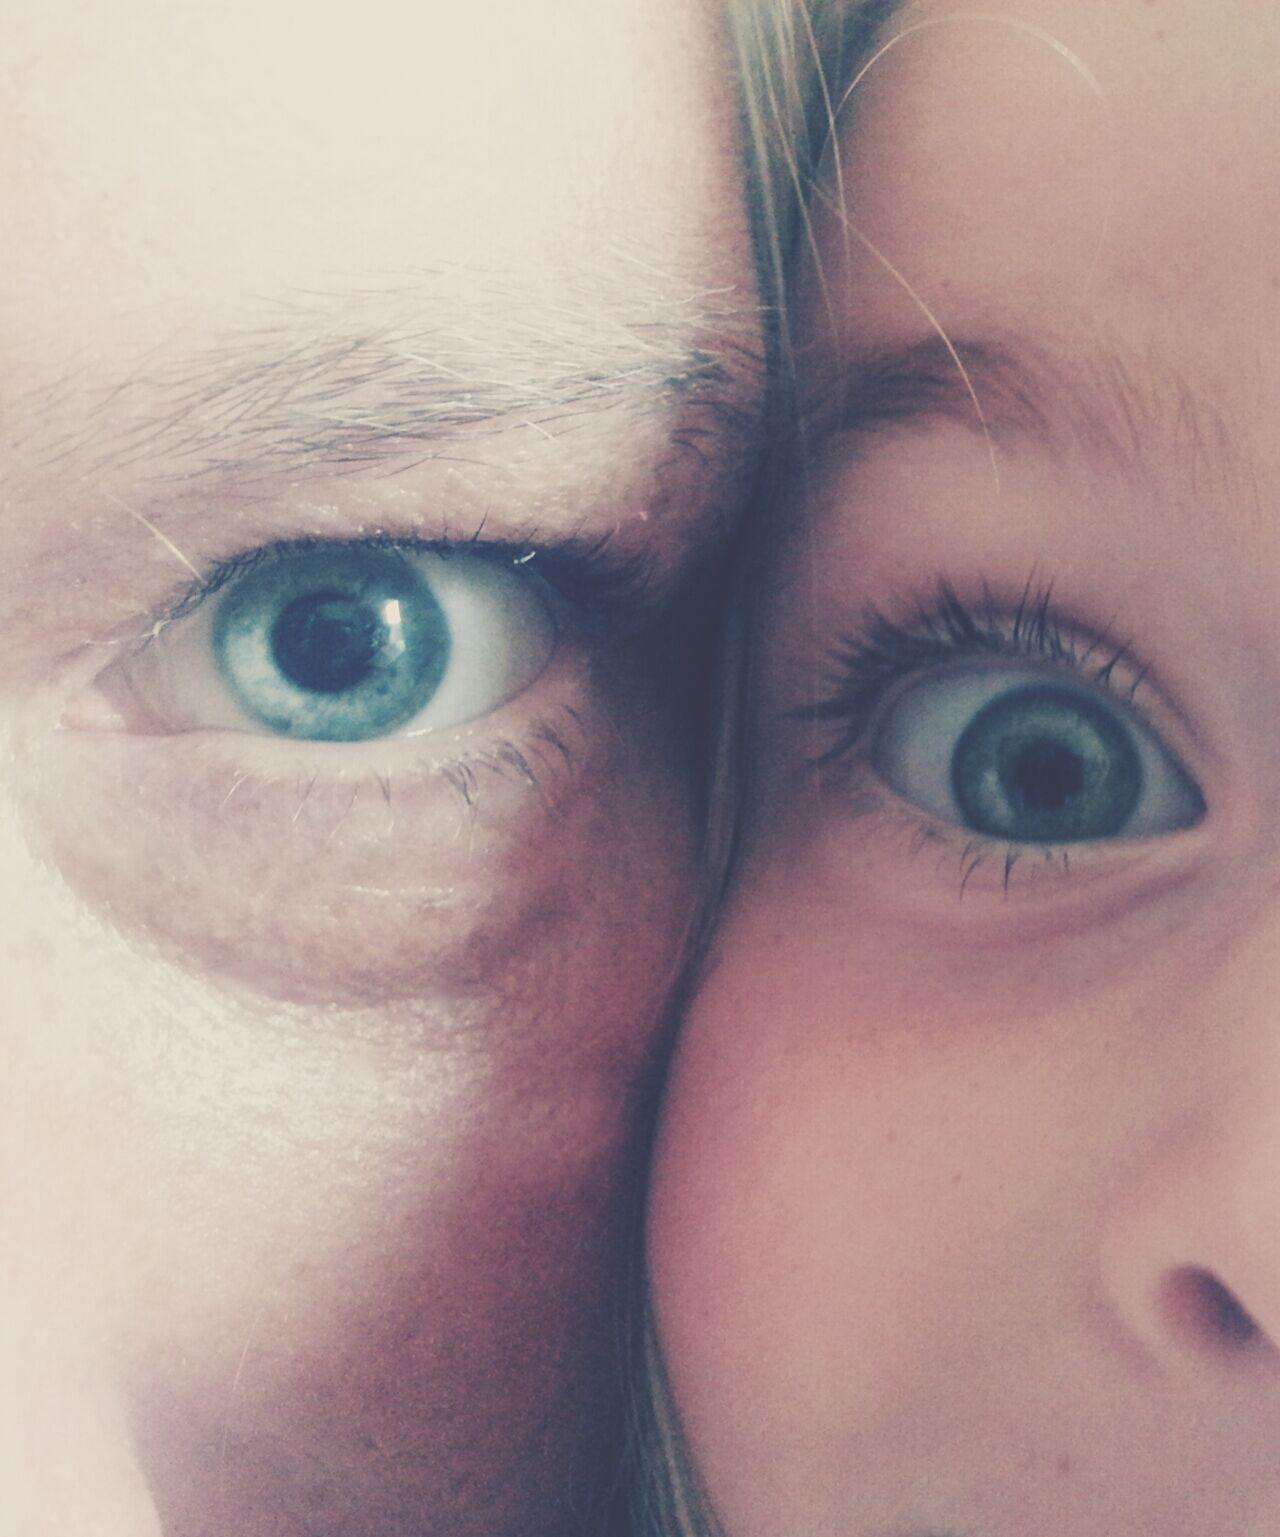 Eyes Family Love EyeEm Best Shots